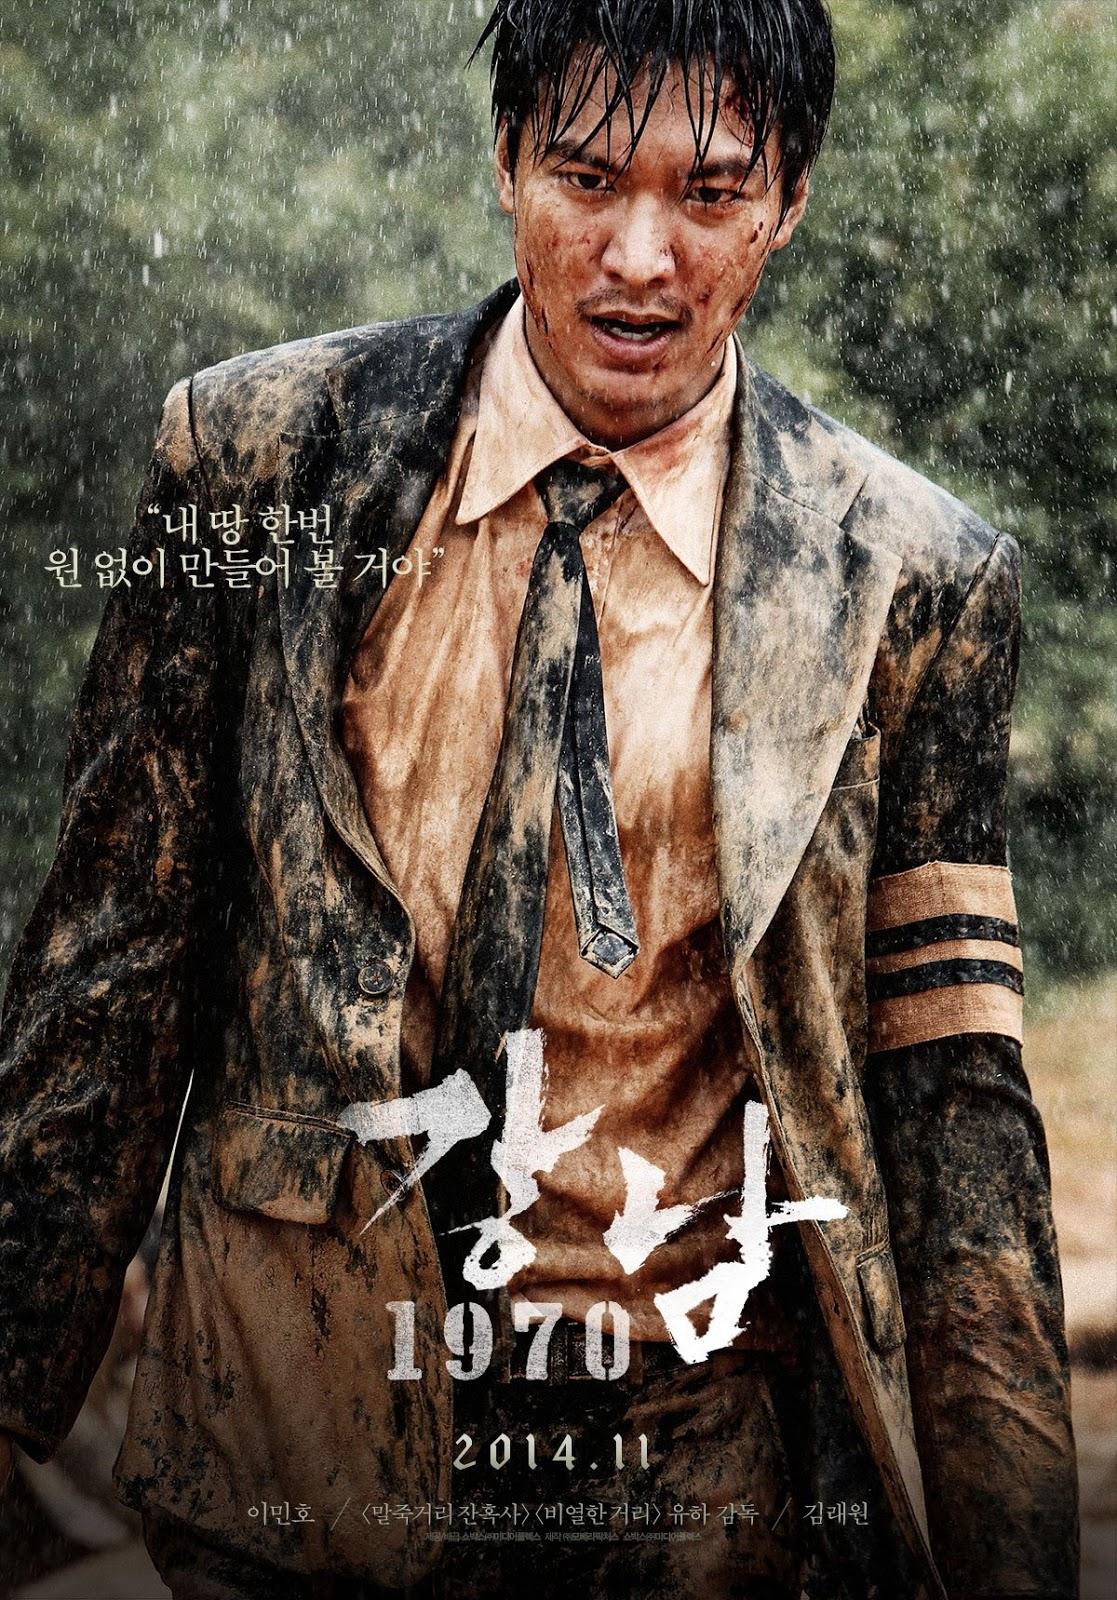 lee min ho được khán giả mong chờ vào vai phản diện trong phim Hàn